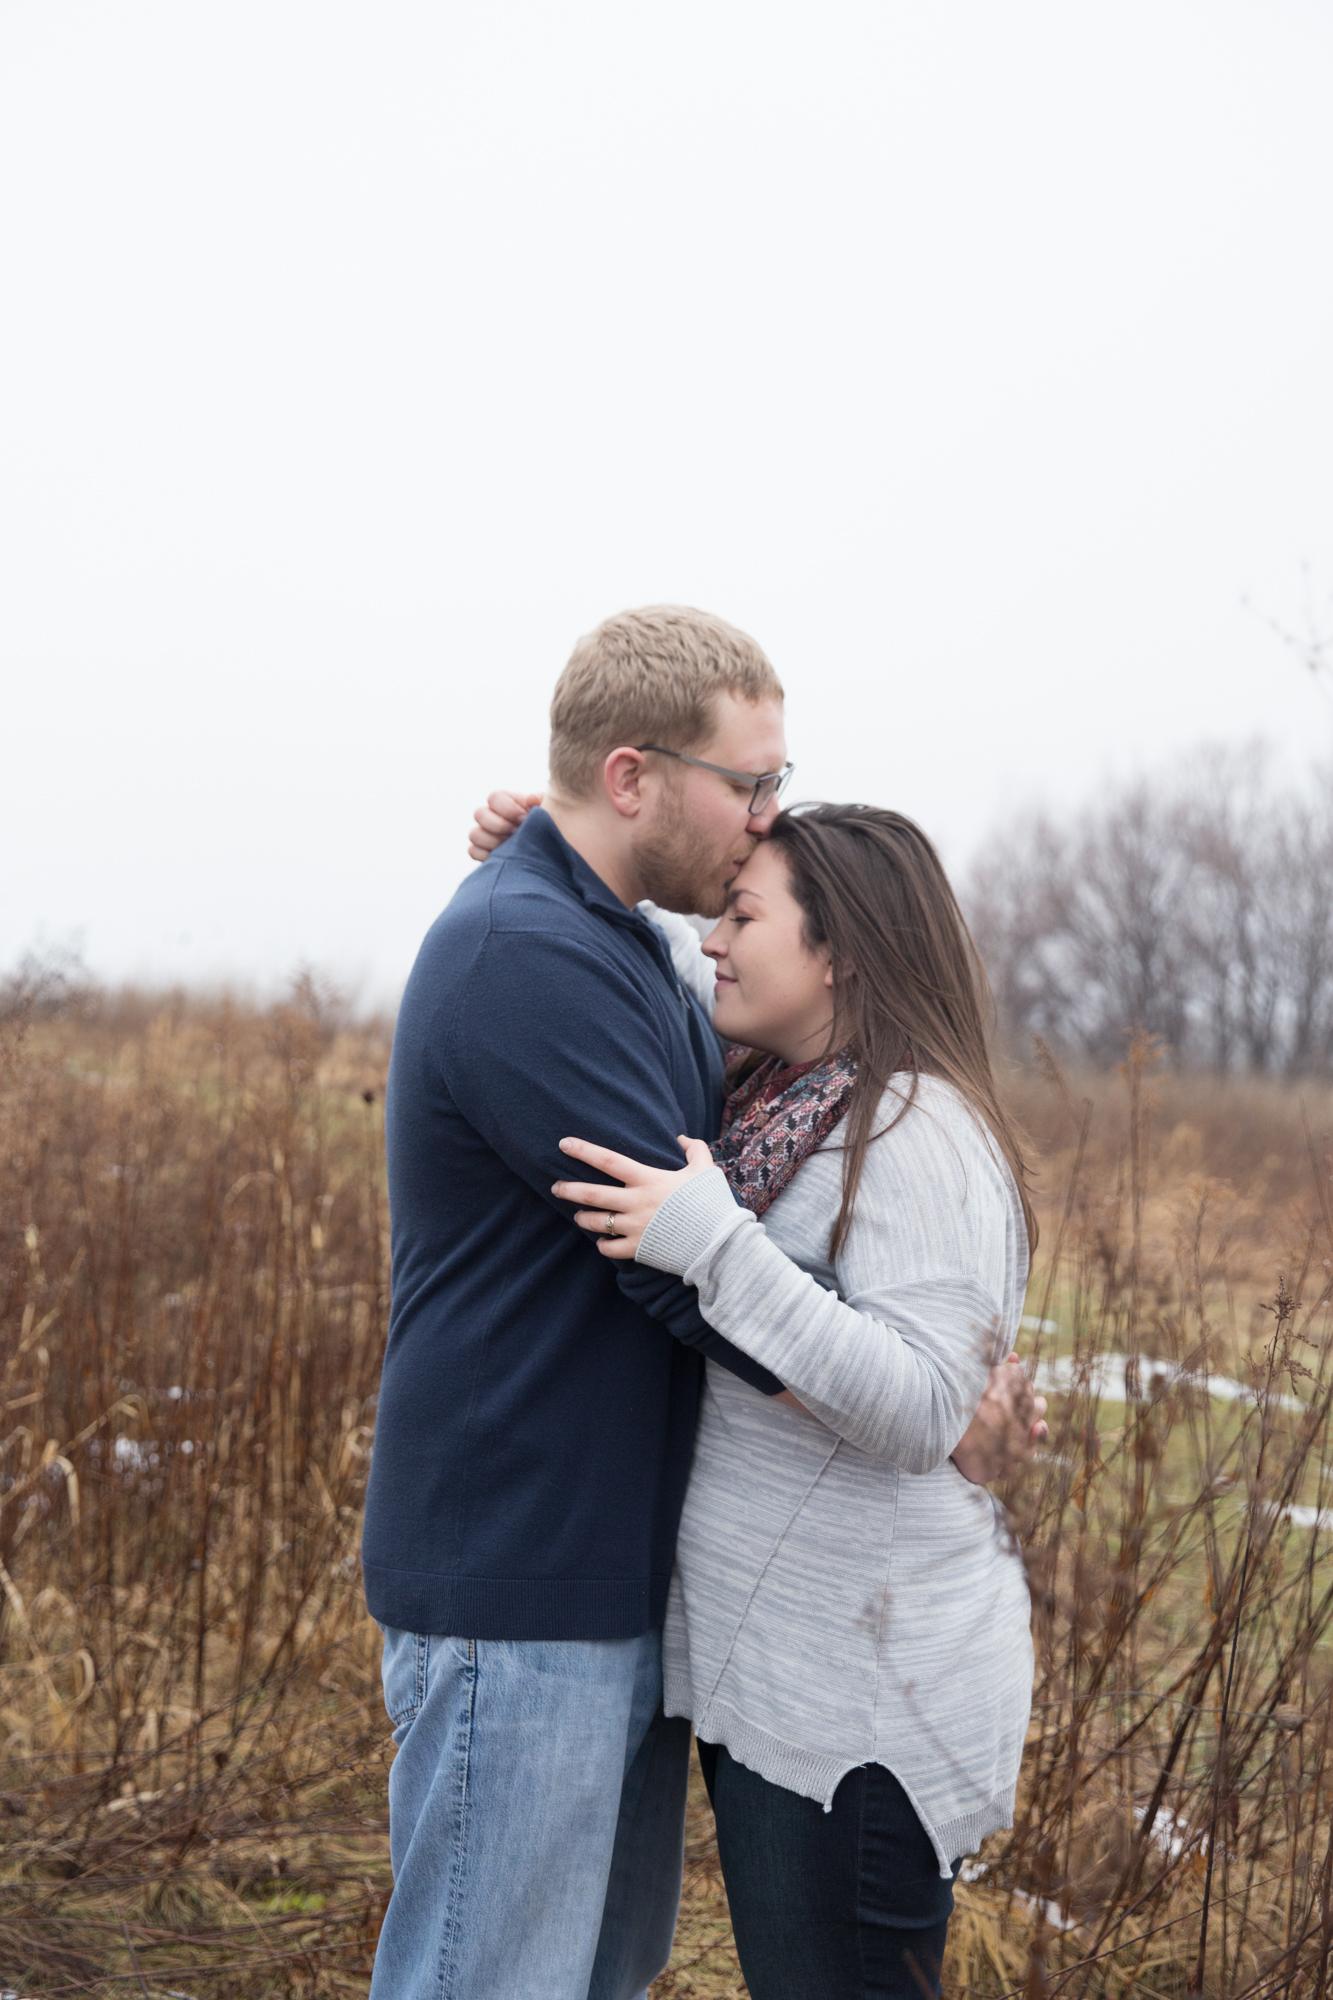 Lake Farm County Park Madison WI Engagement - Whit Meza Photography